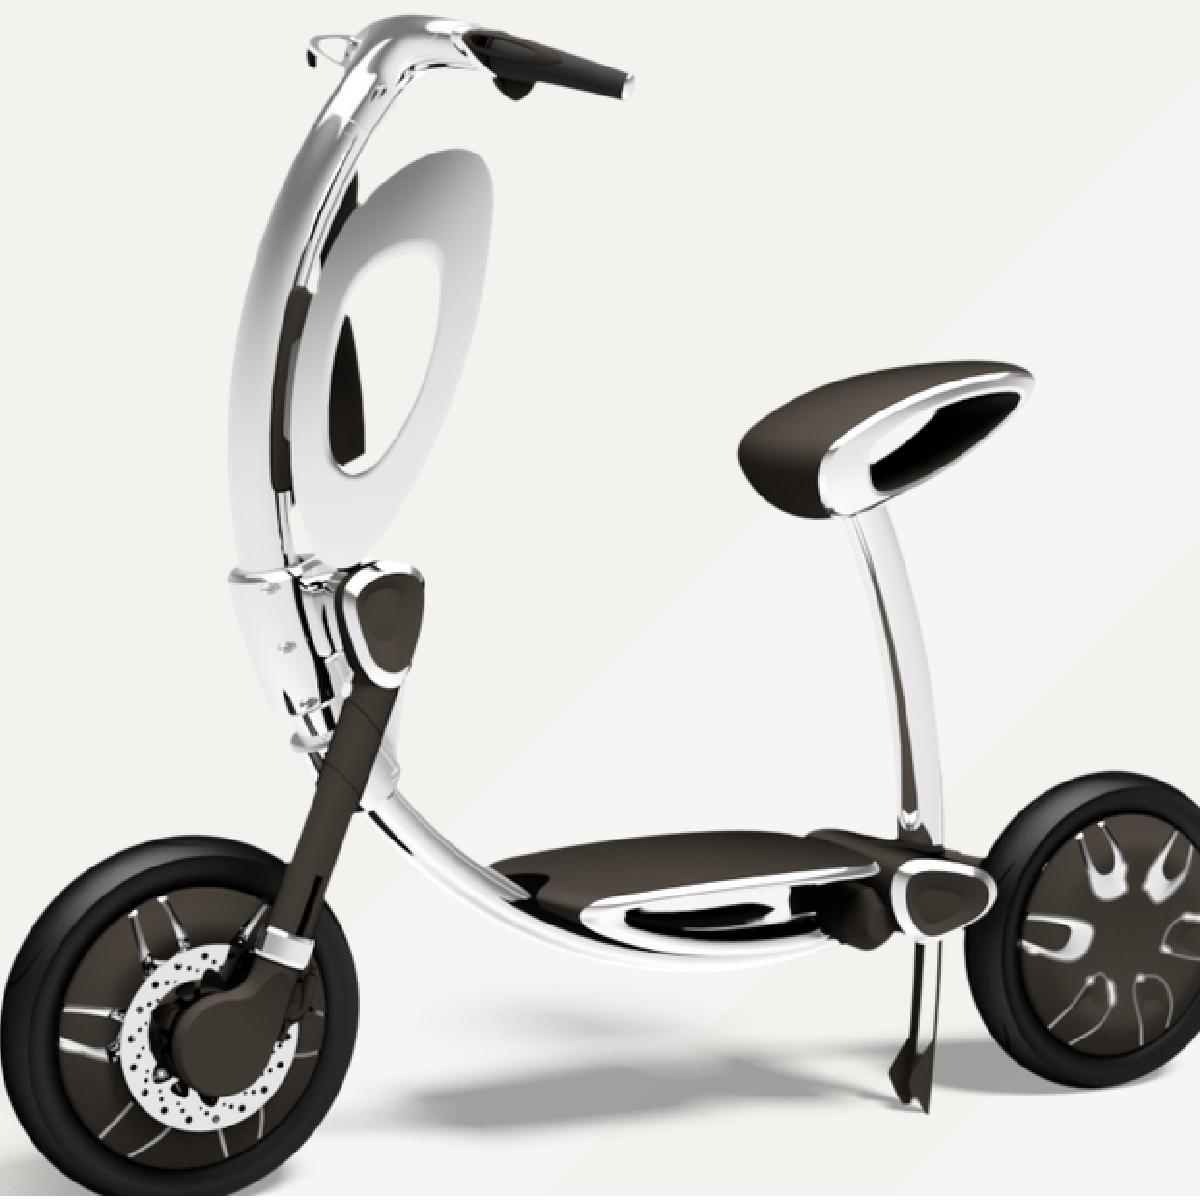 Le scooter Inu qui fonctionne à l'électricité.